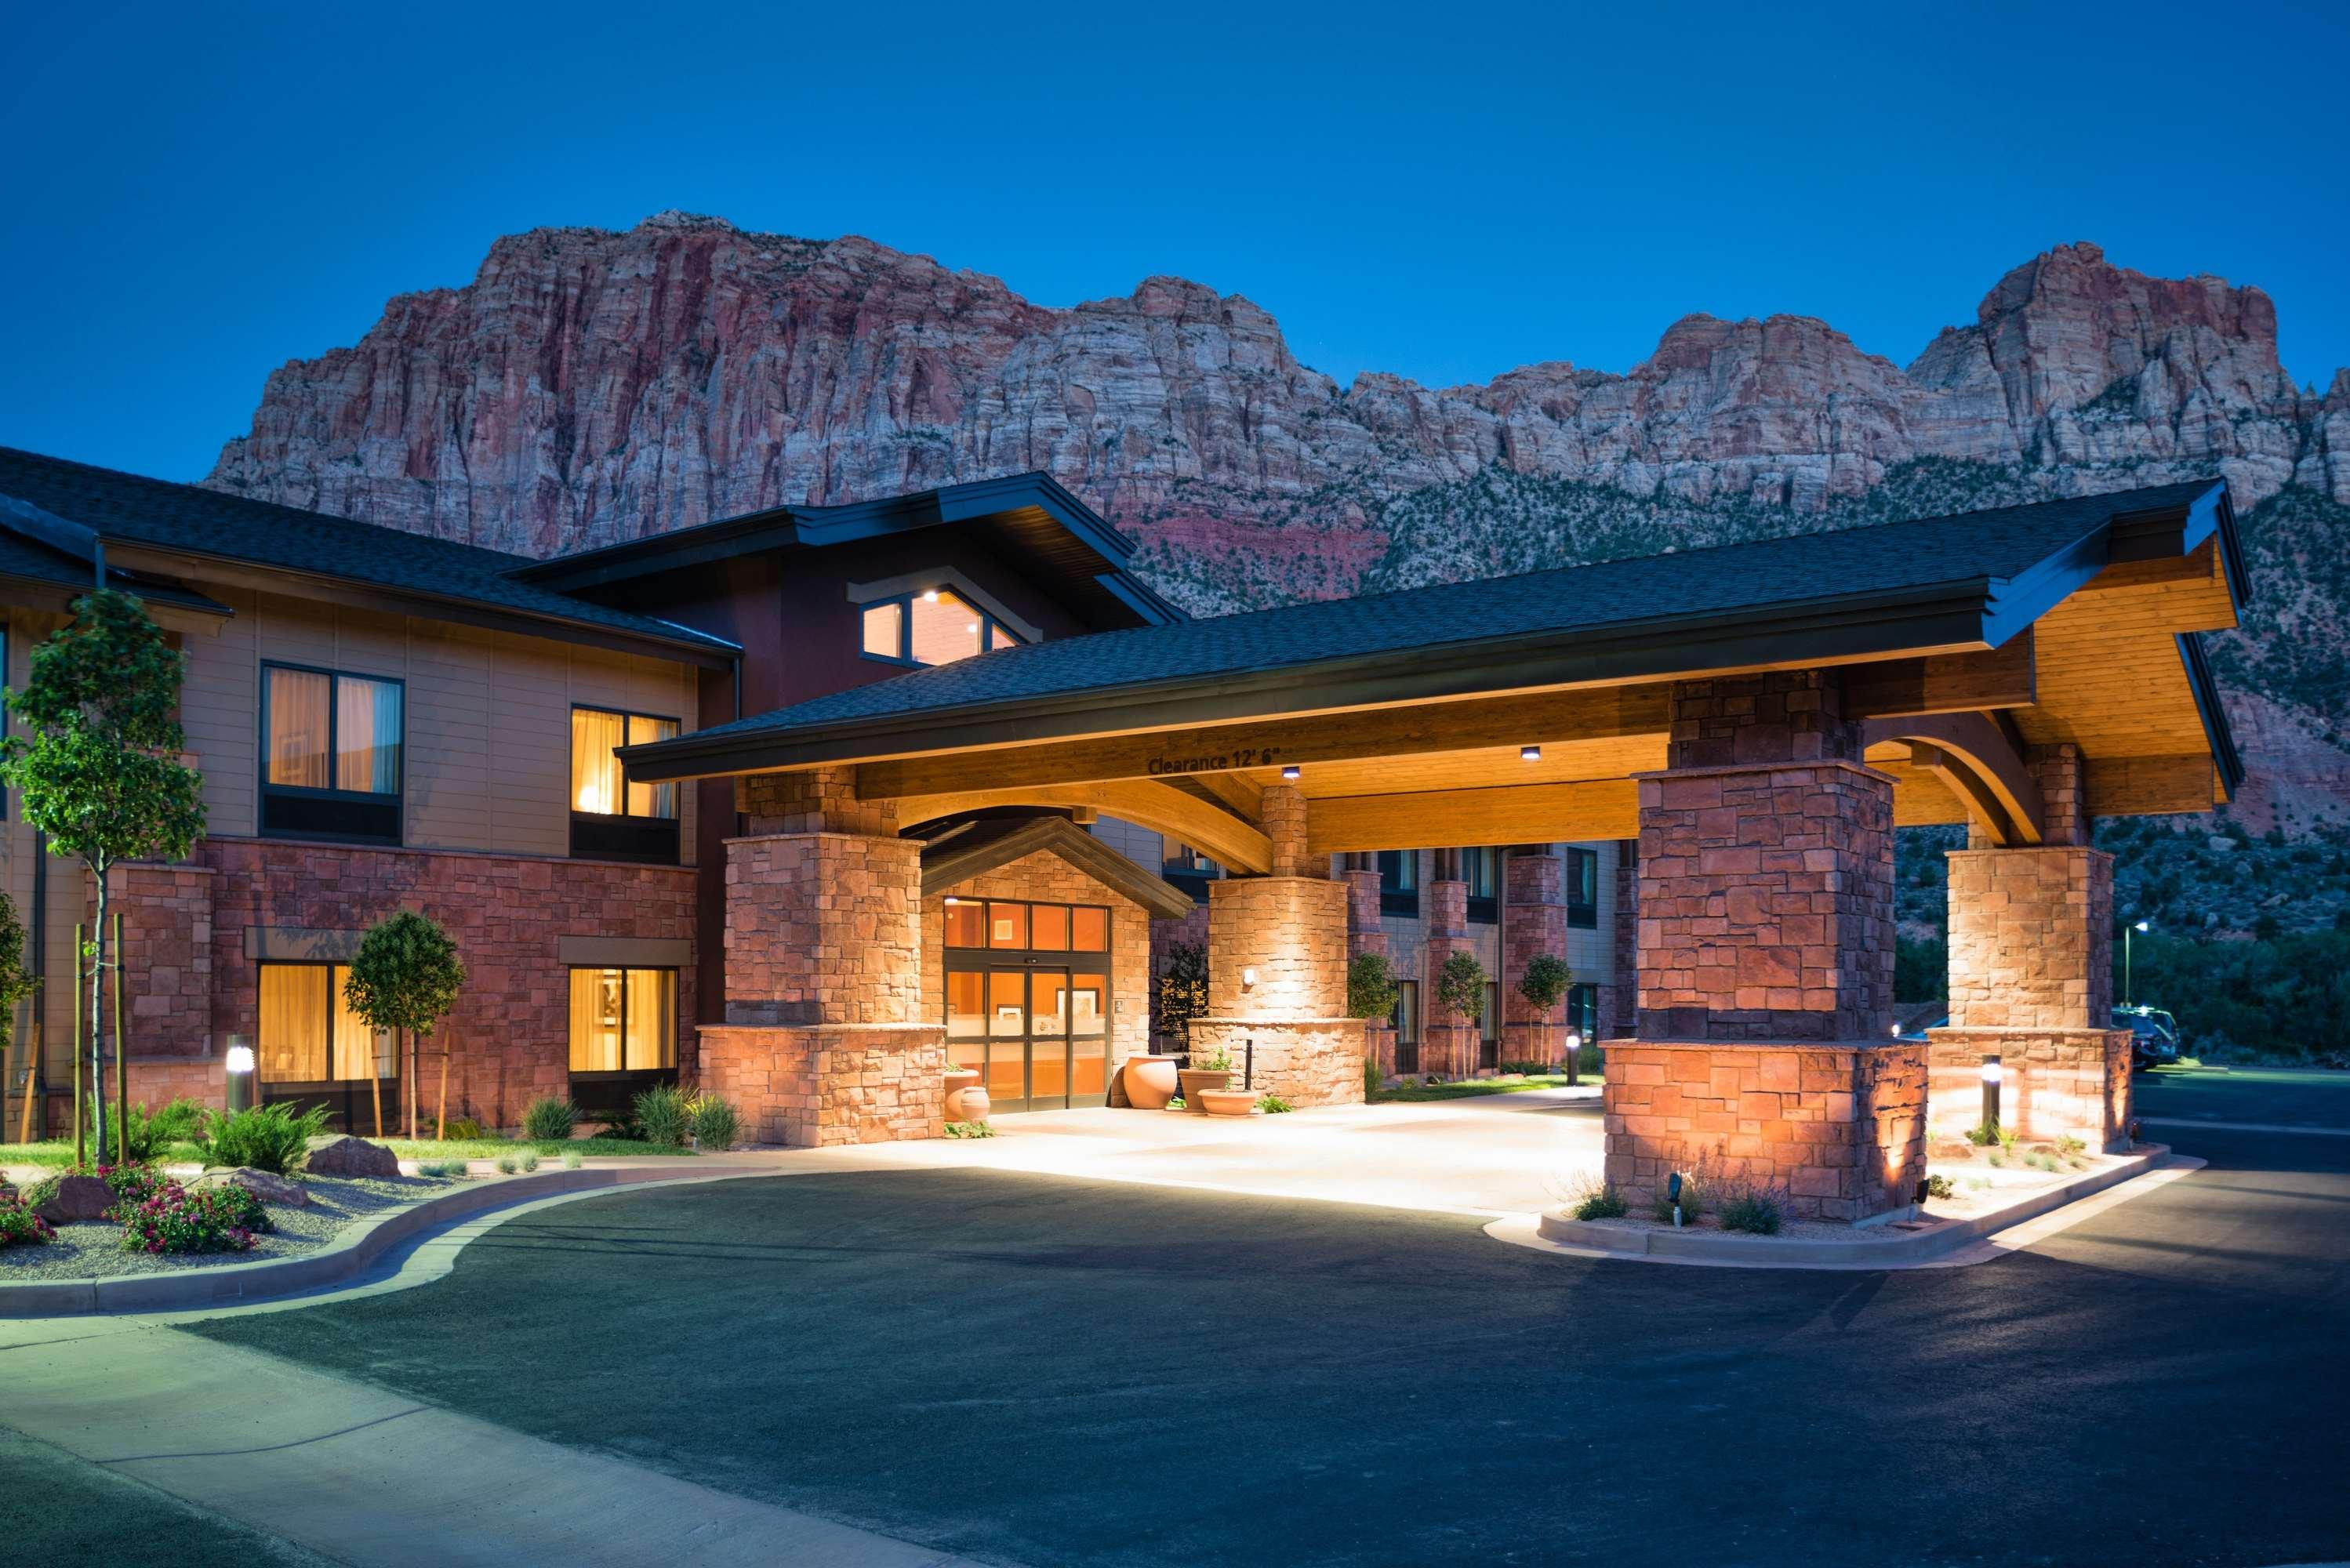 Hampton Inn & Suites Springdale/Zion National Park image 0